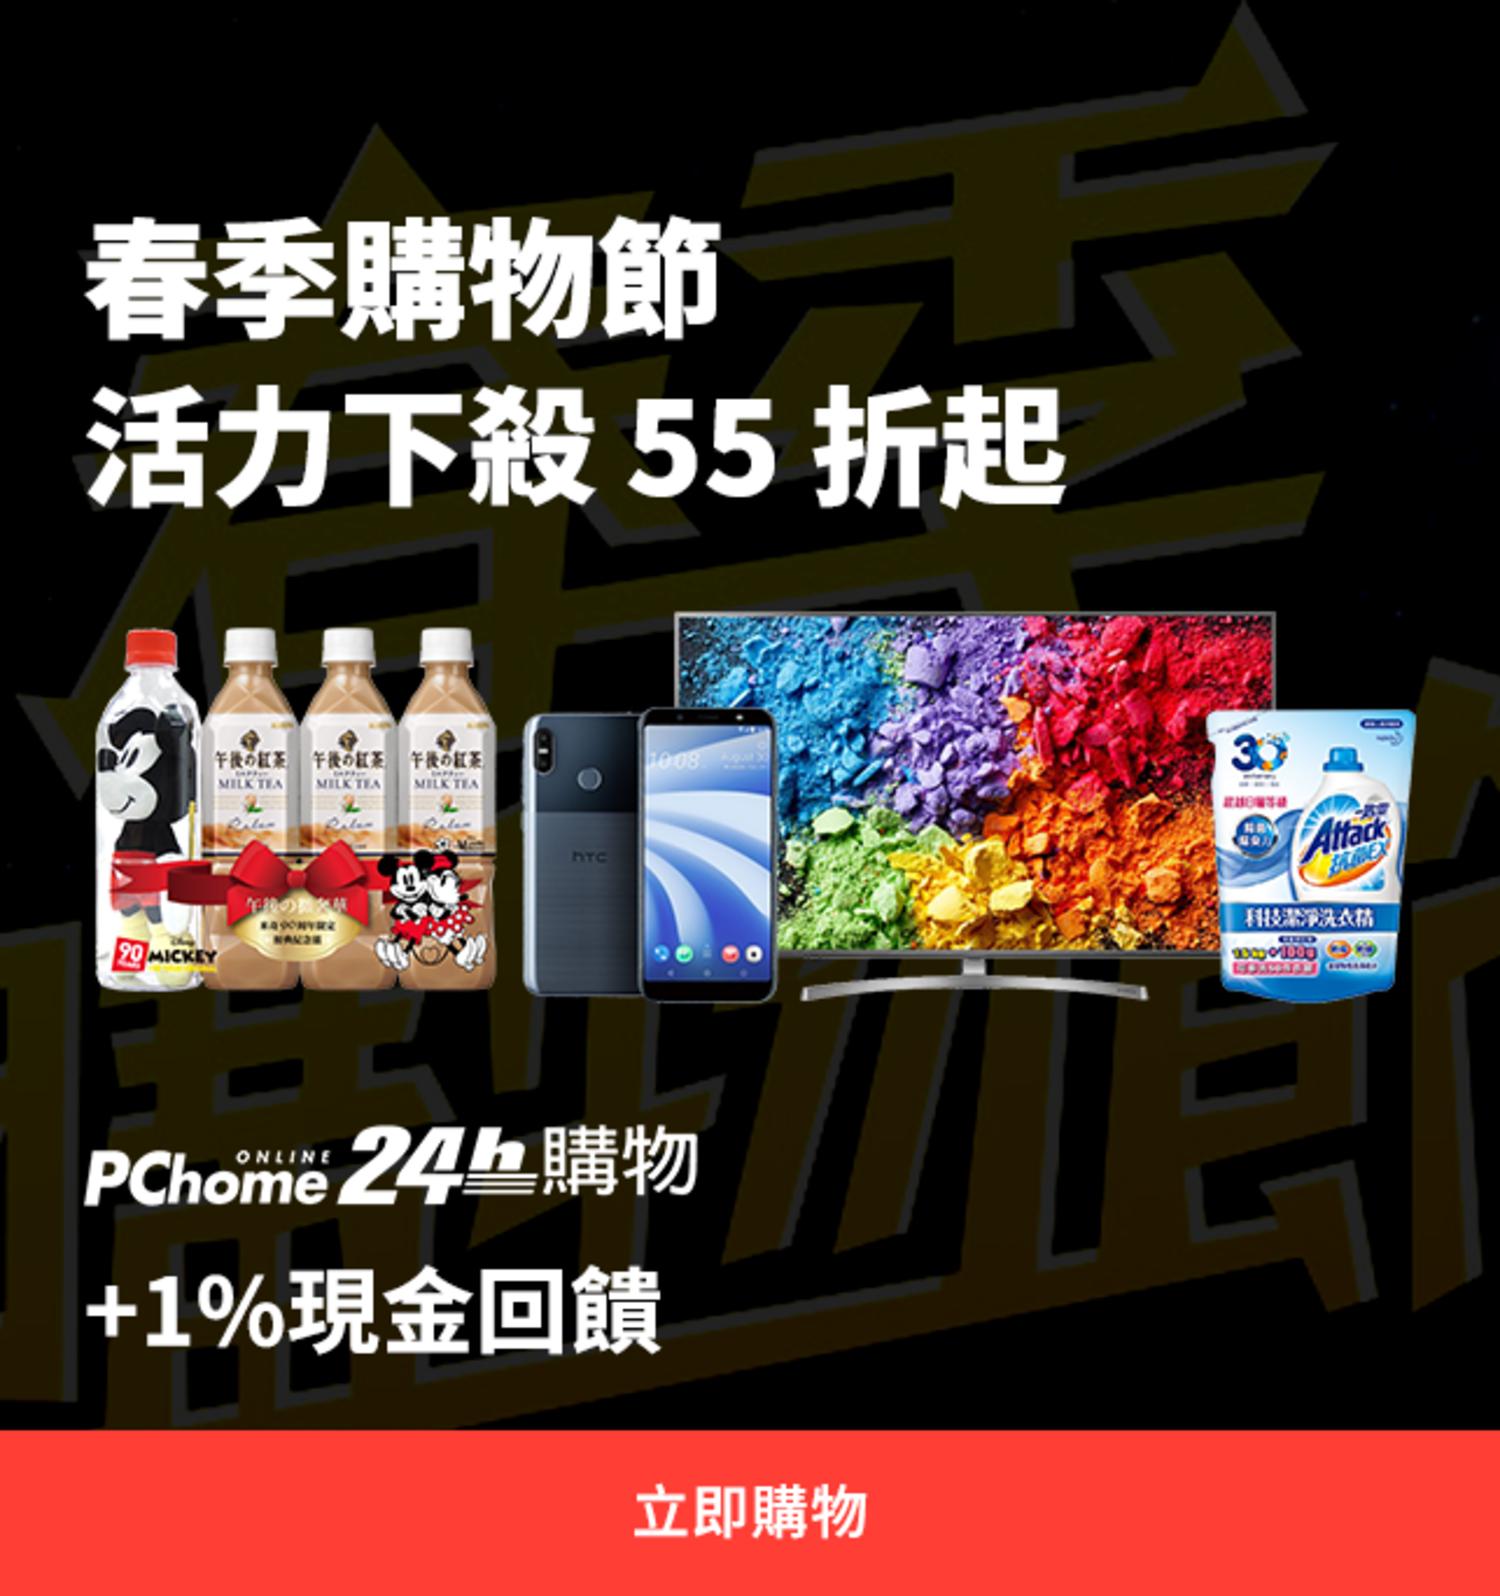 PChome 春季購物節